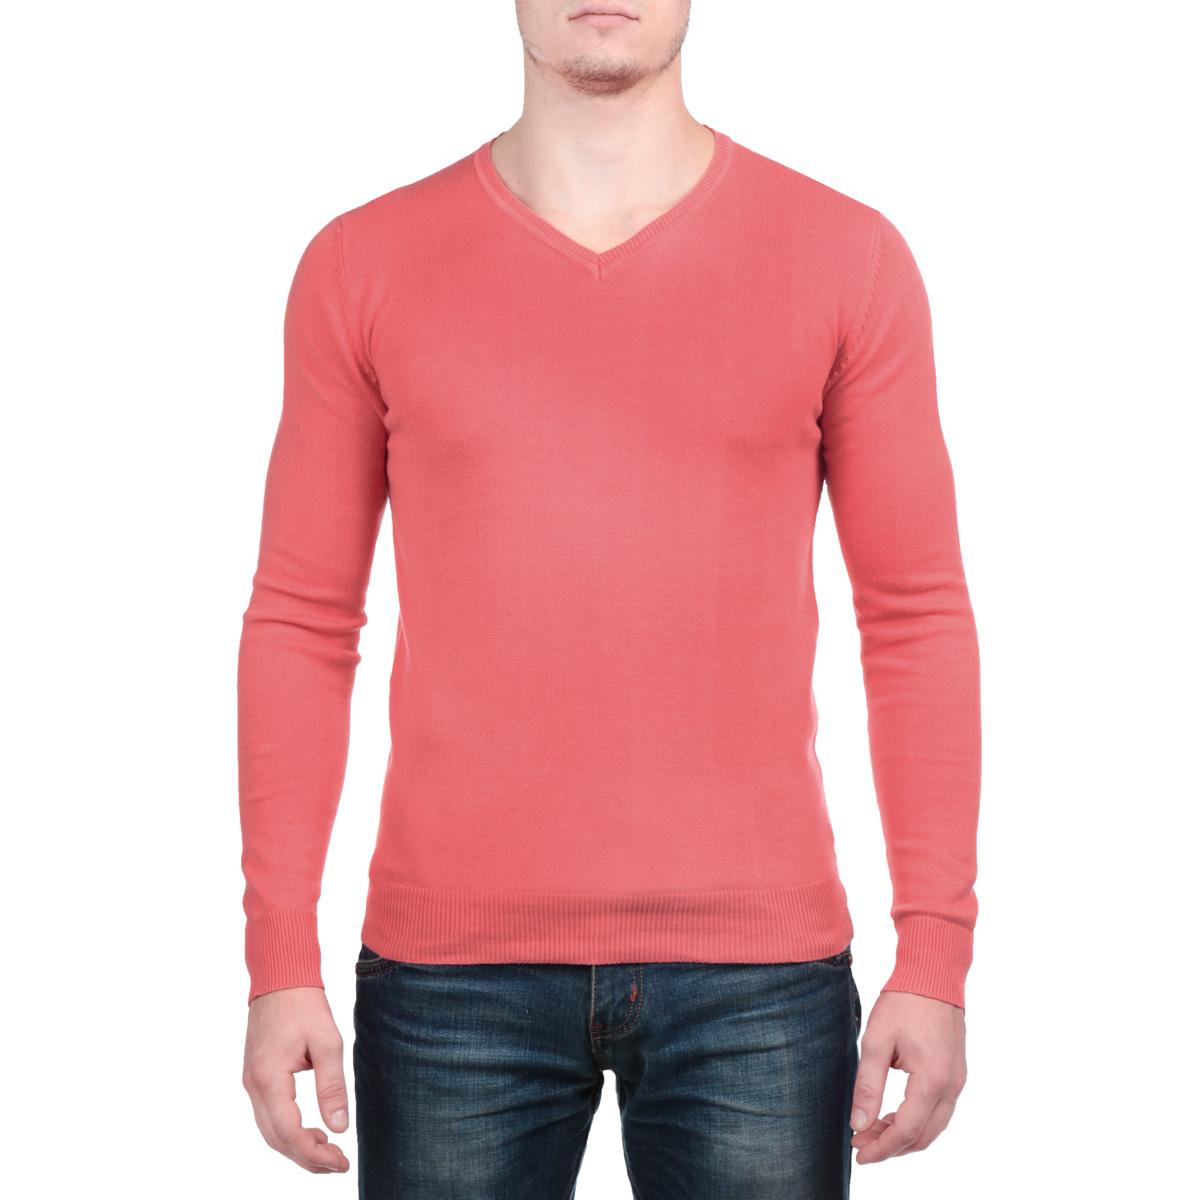 ПуловерAbyssoB/BAYGREENСтильный мужской пуловер MeZaGuZ, изготовленный из высококачественного хлопка, не сковывает движения, обеспечивая наибольший комфорт. Модель с V-образным вырезом горловины великолепно сидит, а однотонная расцветка прекрасно сочетается с любыми нарядами. Низ и манжеты пуловера связаны резинкой. Этот теплый и комфортный пуловер станет отличным дополнением к вашему гардеробу. В нем вы всегда будете чувствовать себя уютно в прохладное время года.